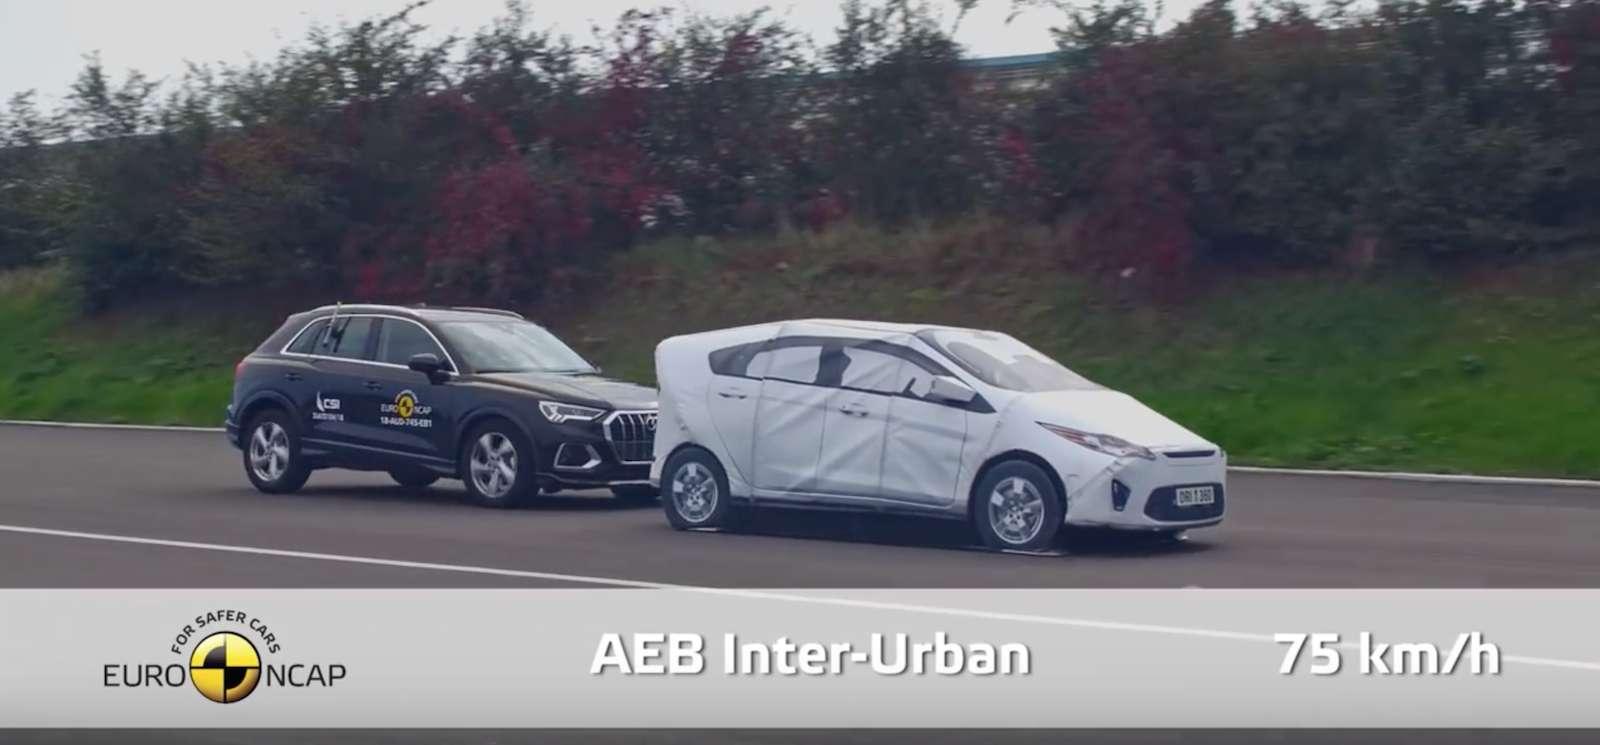 AEB Audi Q3